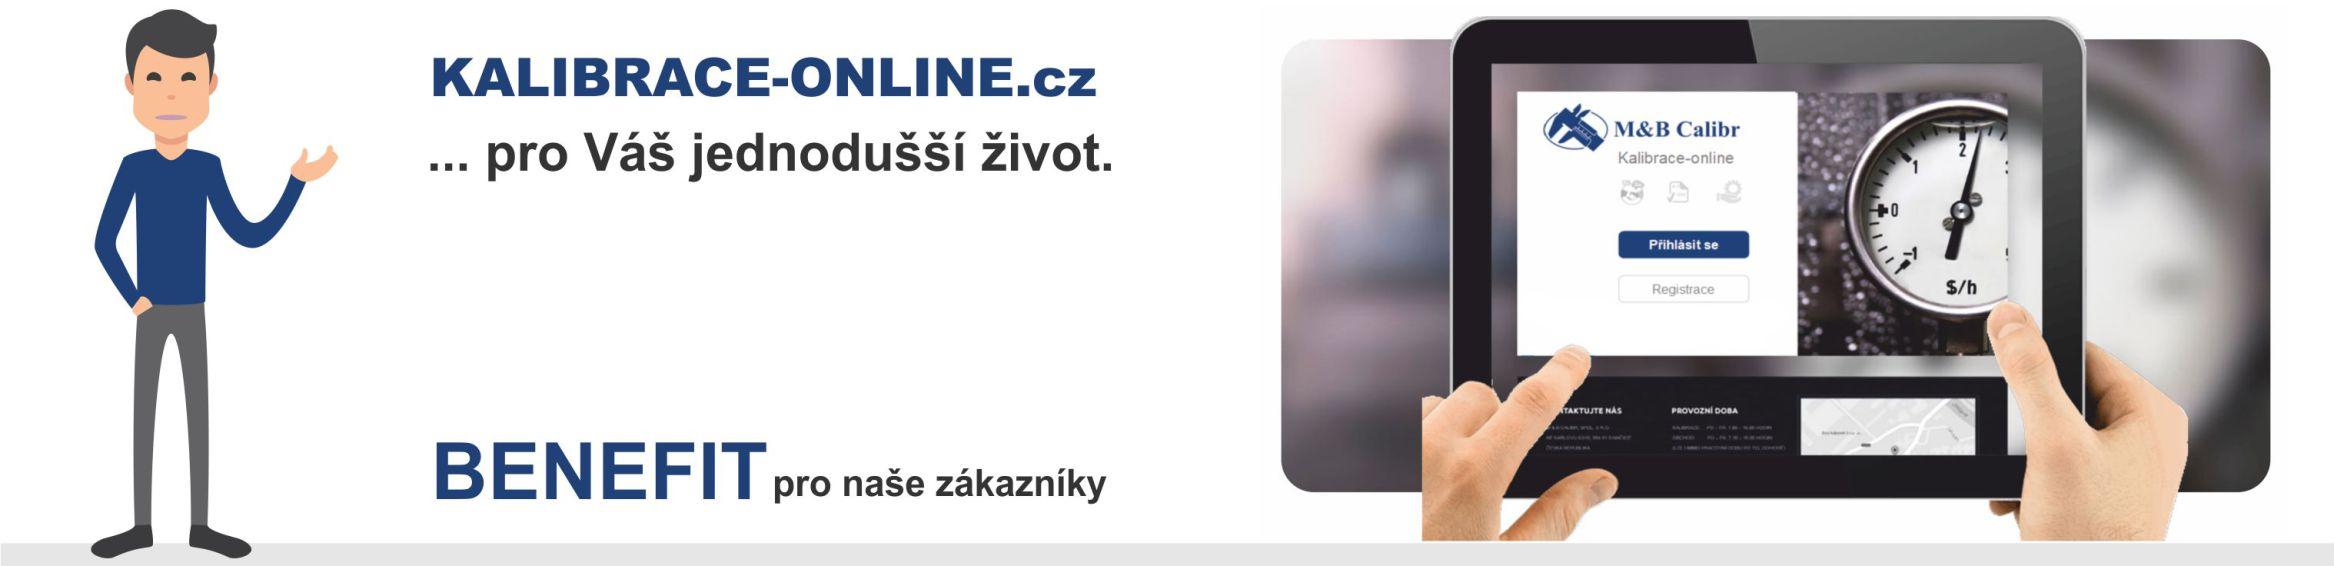 kalibrace-online-eshop